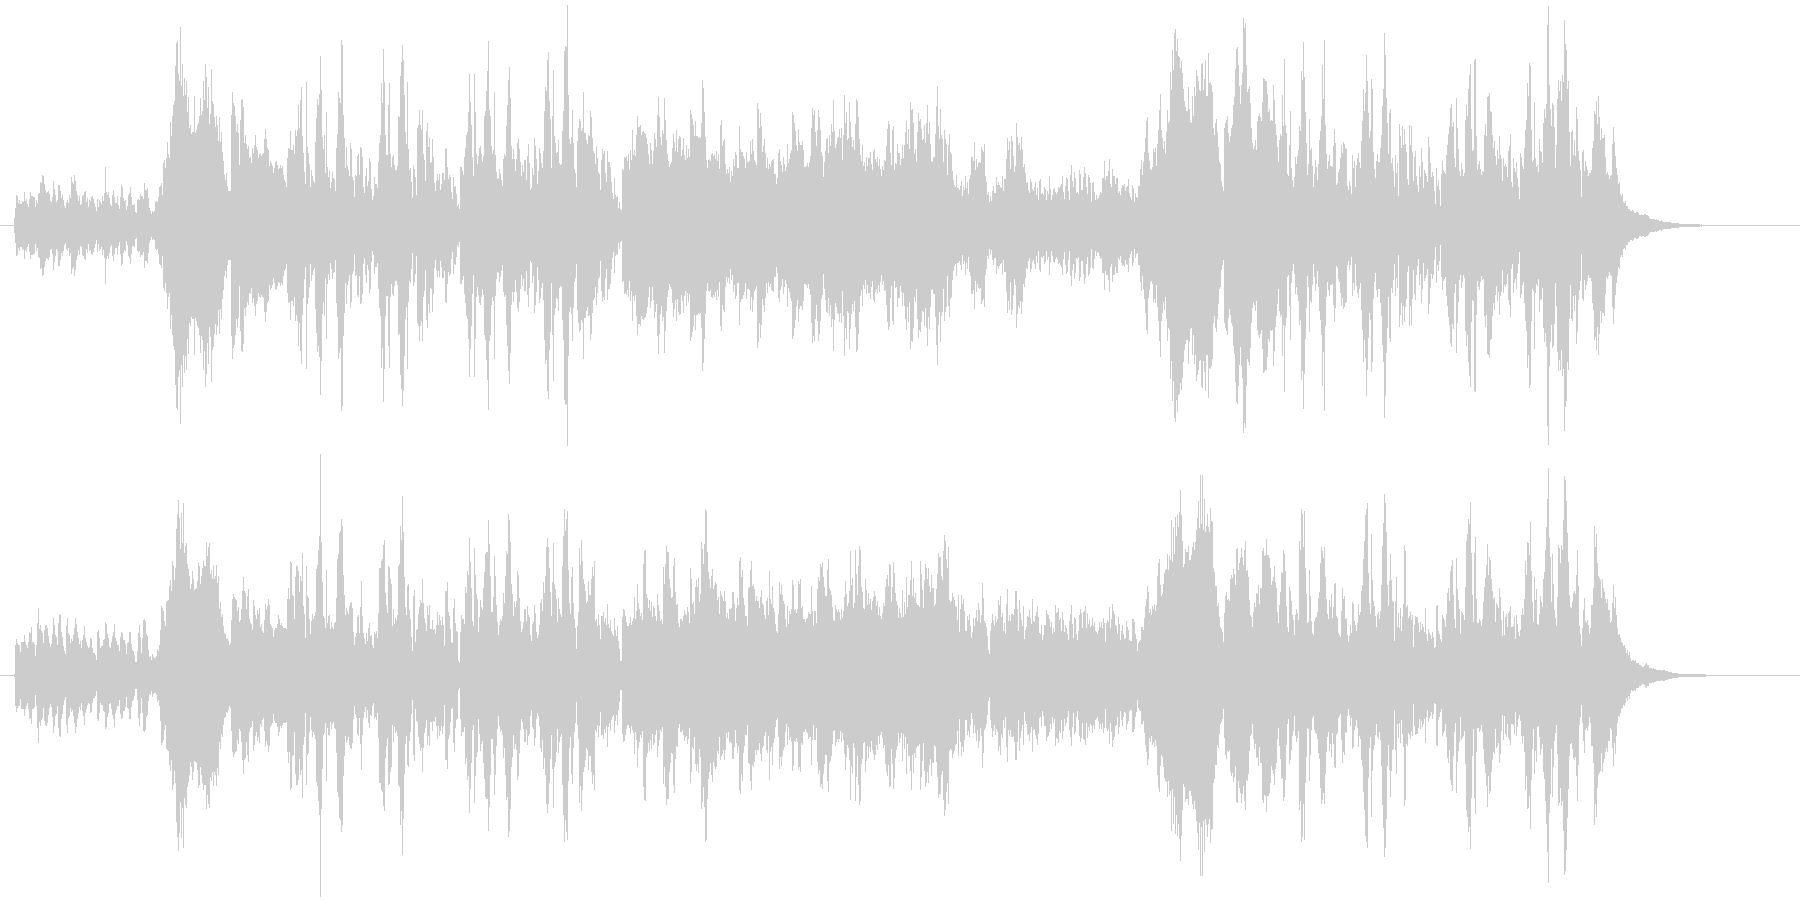 幻想的なピアノソロの未再生の波形